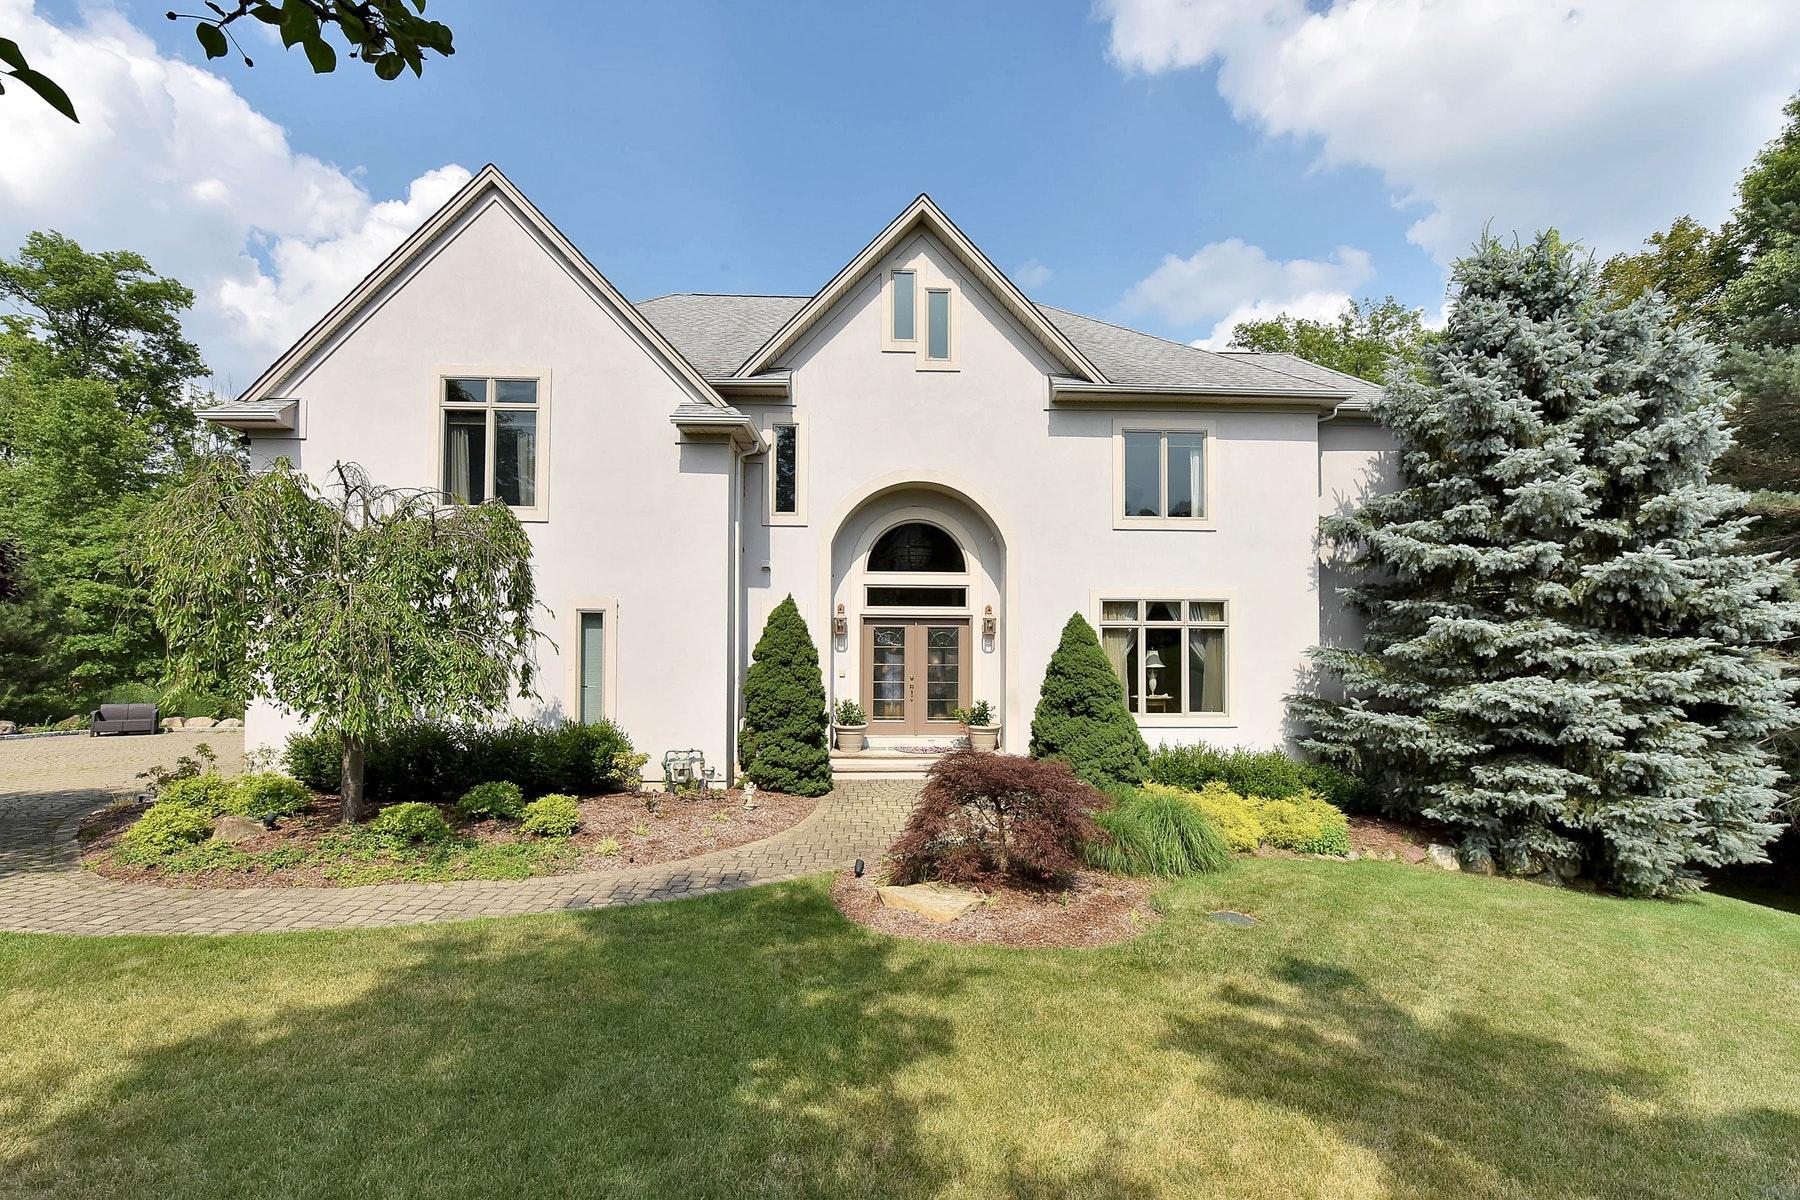 Maison unifamiliale pour l Vente à Masonry Exterior 27 Copperfield Way Mahwah, New Jersey 07430 États-Unis